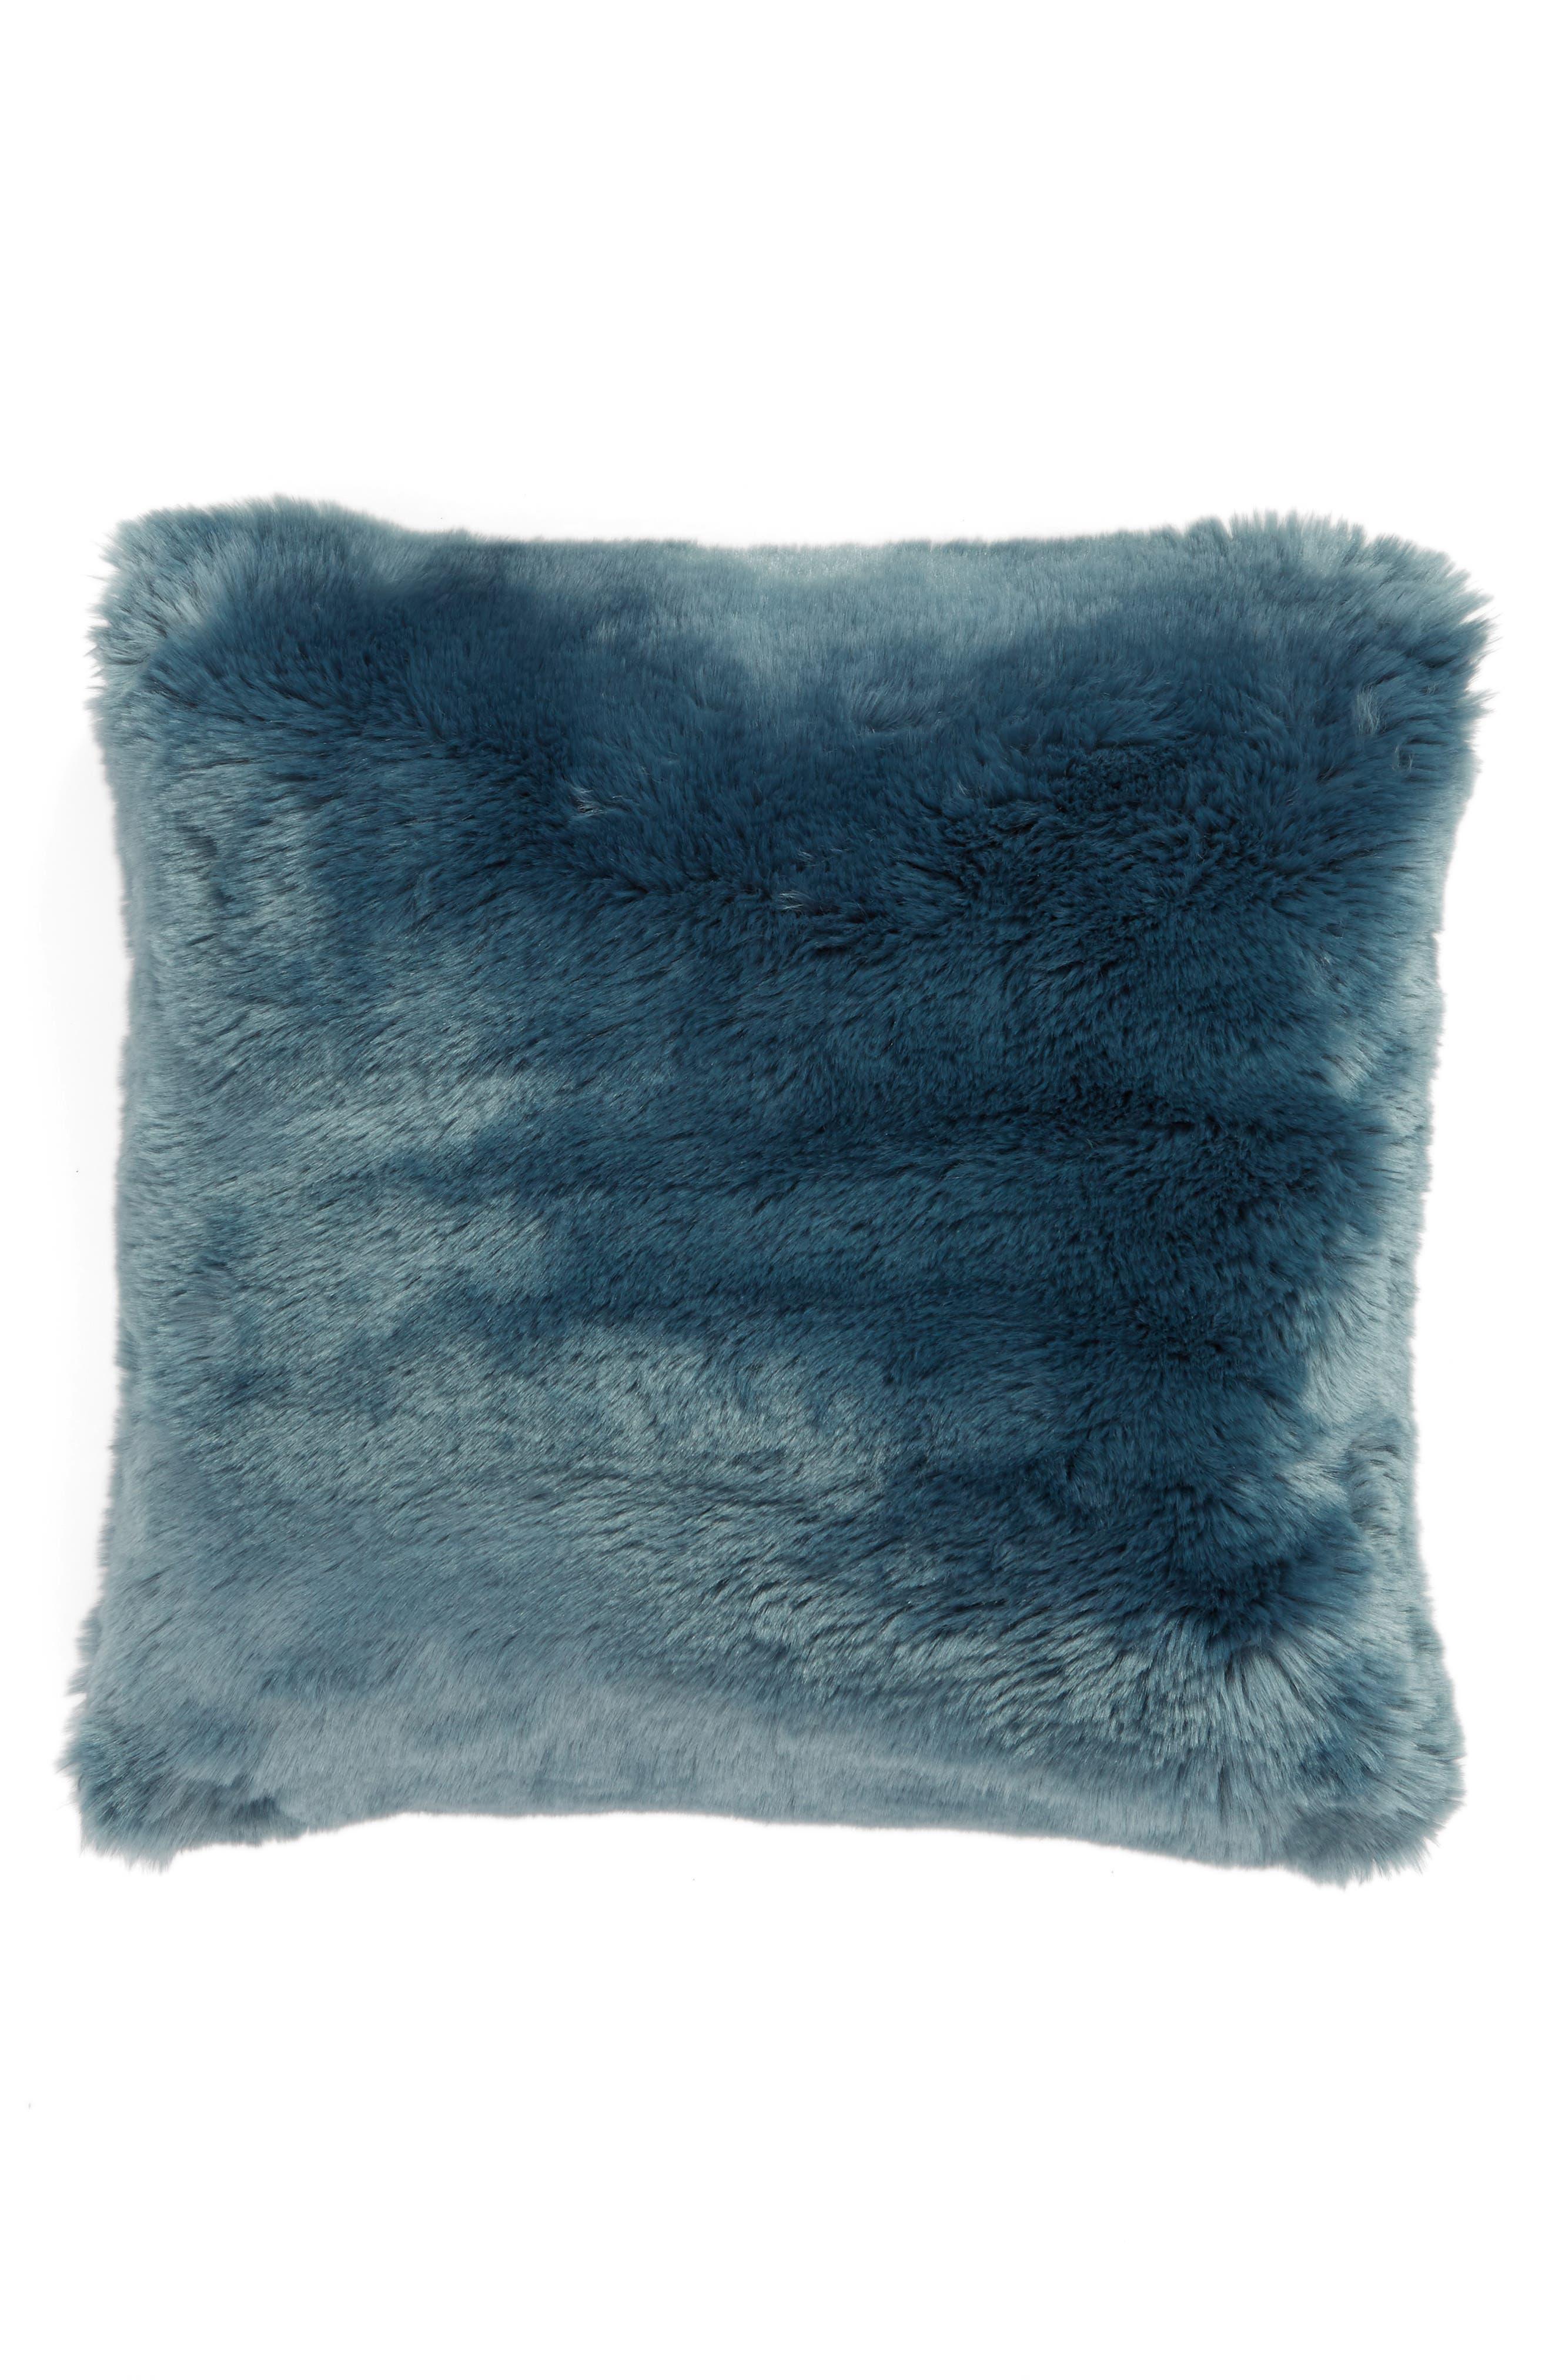 Cuddle Up Faux Fur Pillow,                             Main thumbnail 1, color,                             440